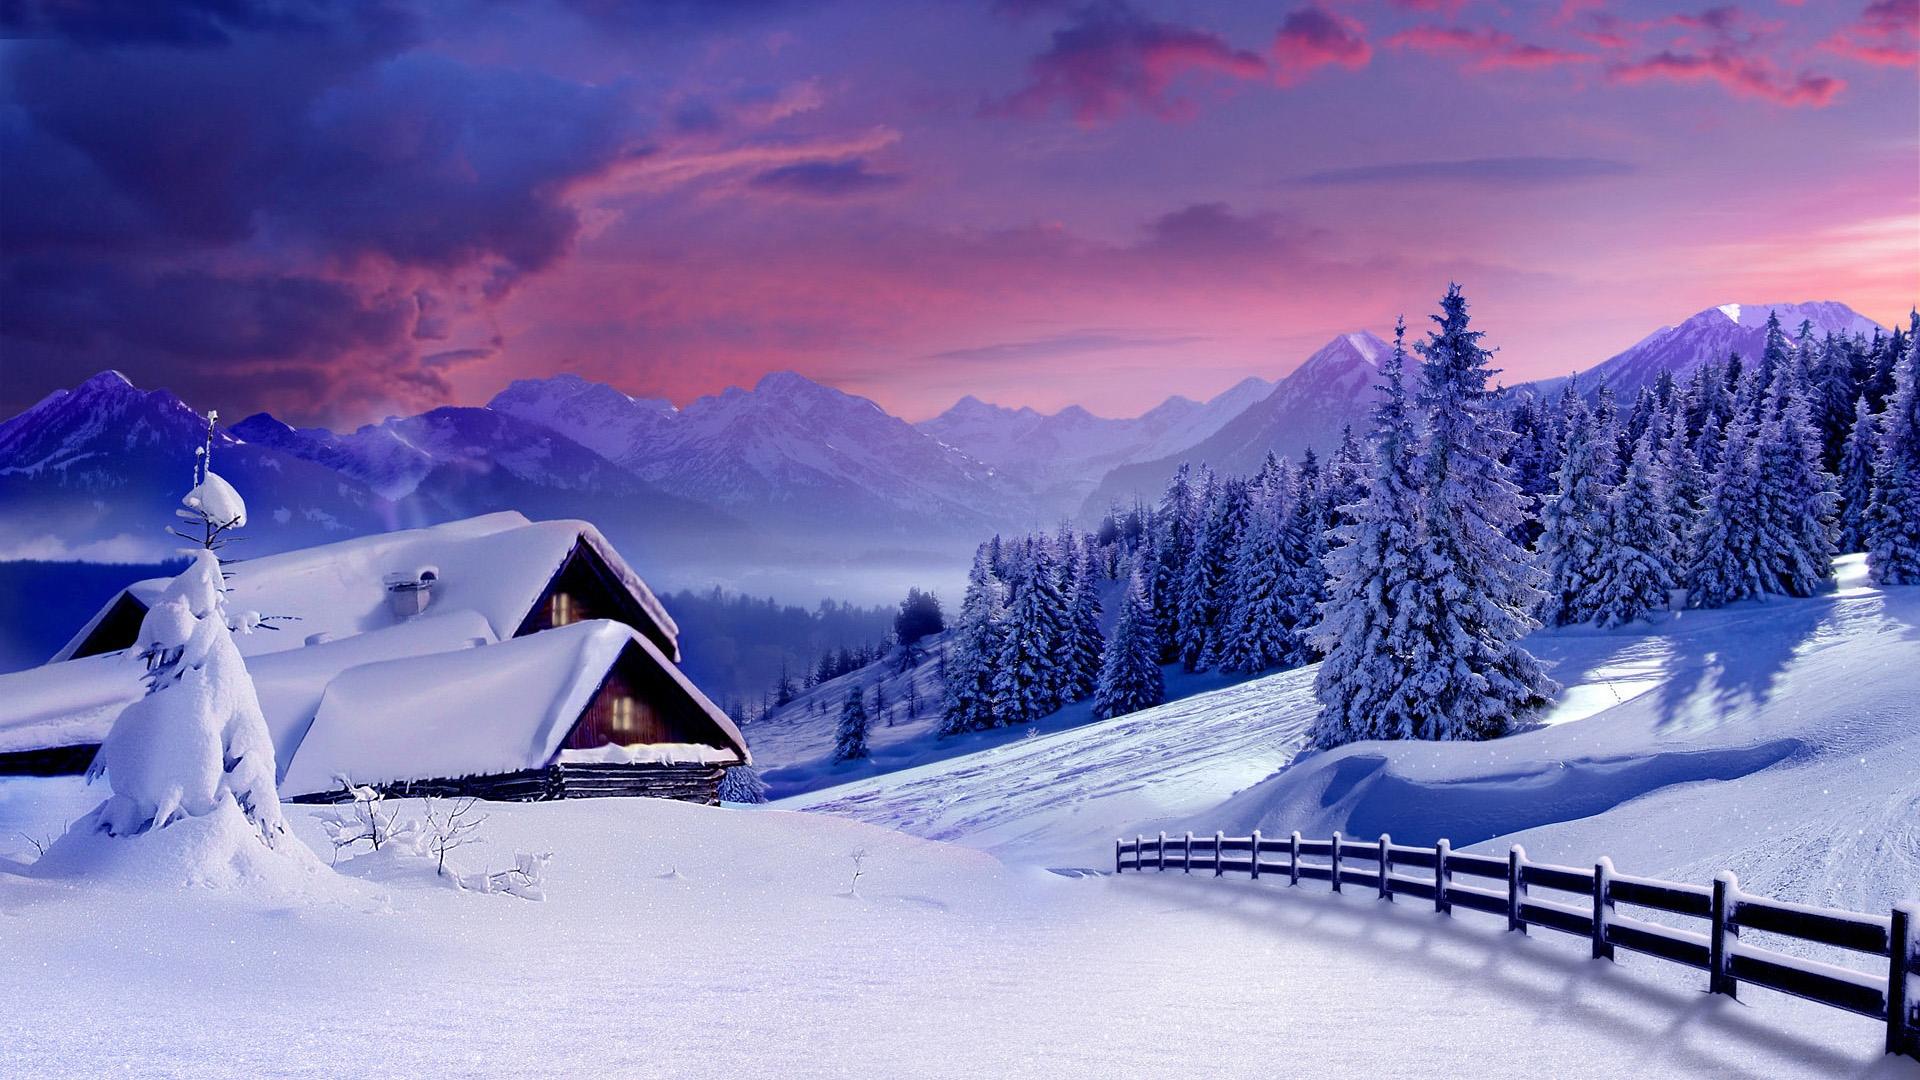 Картинки на рабочий стол зимы красивые большие на весь экран бесплатно